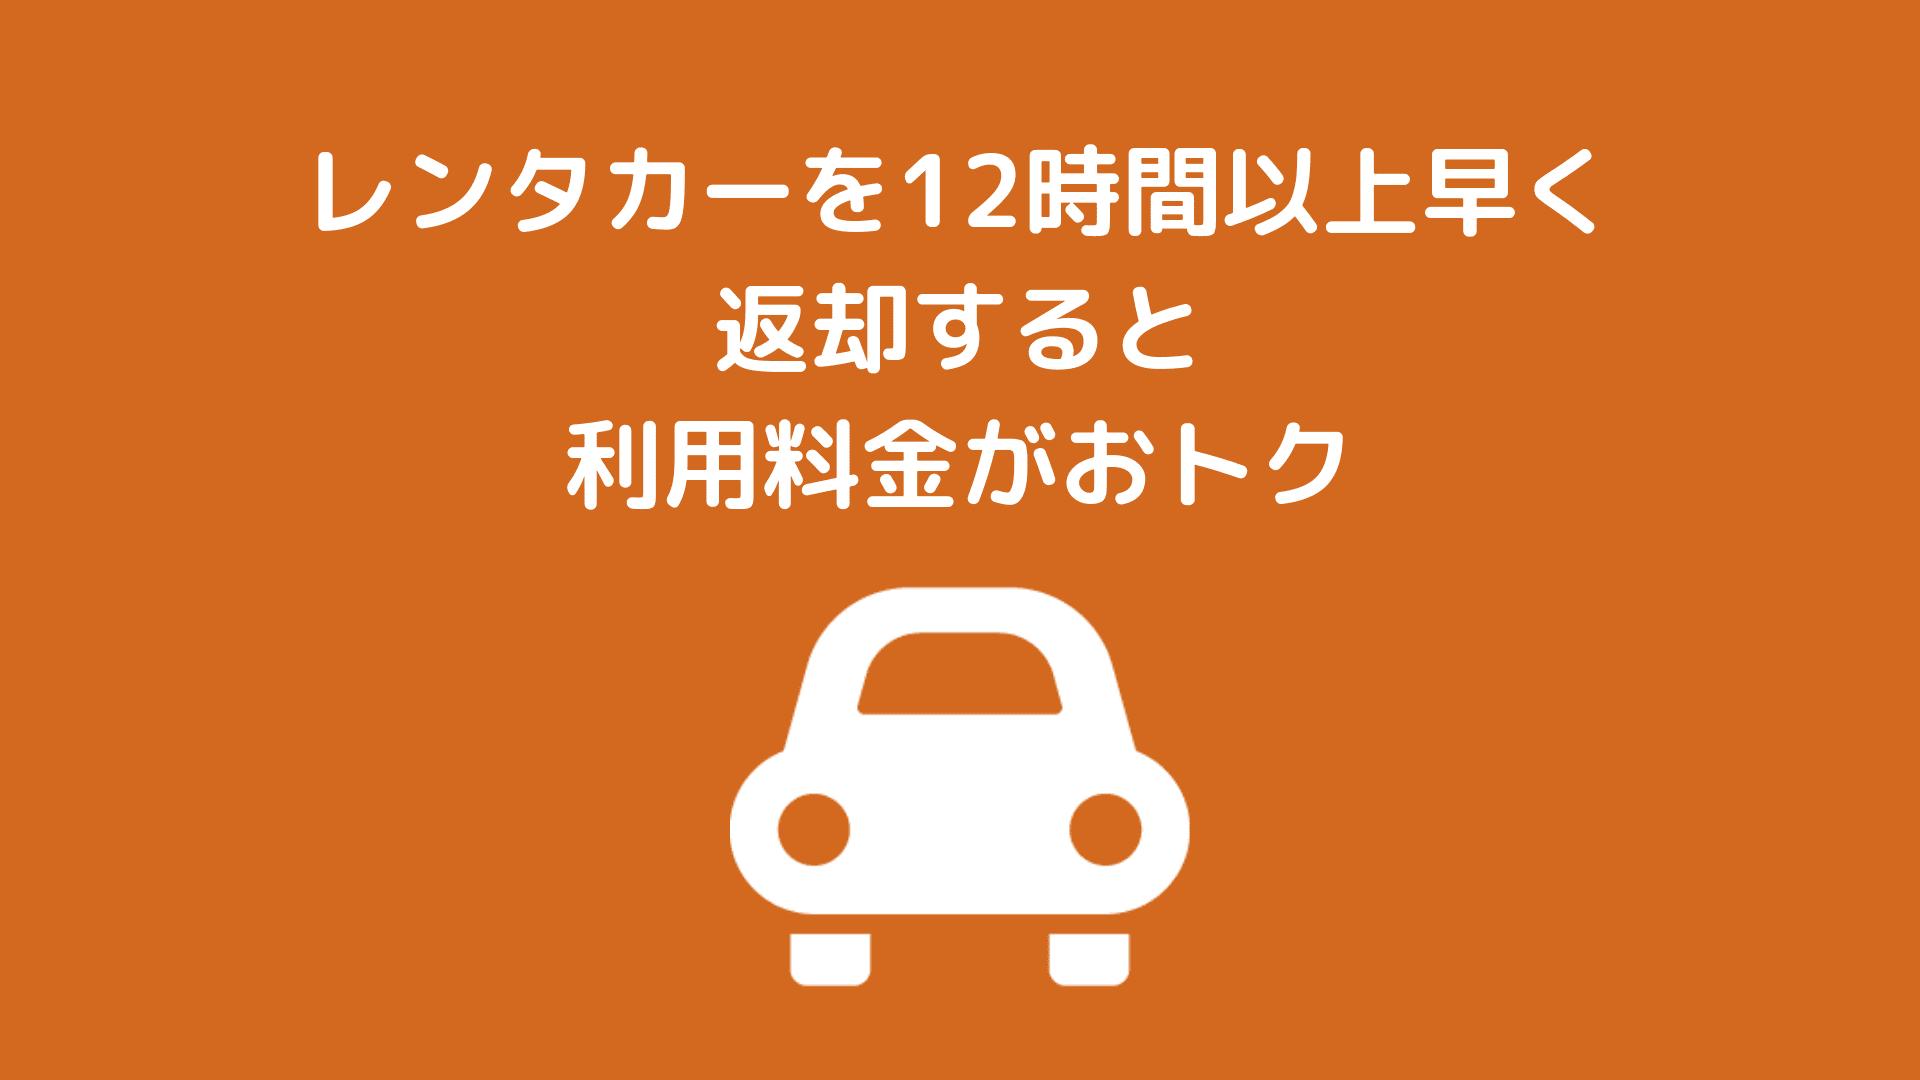 レンタカーを12時間以上早く返却すると利用料金がおトク